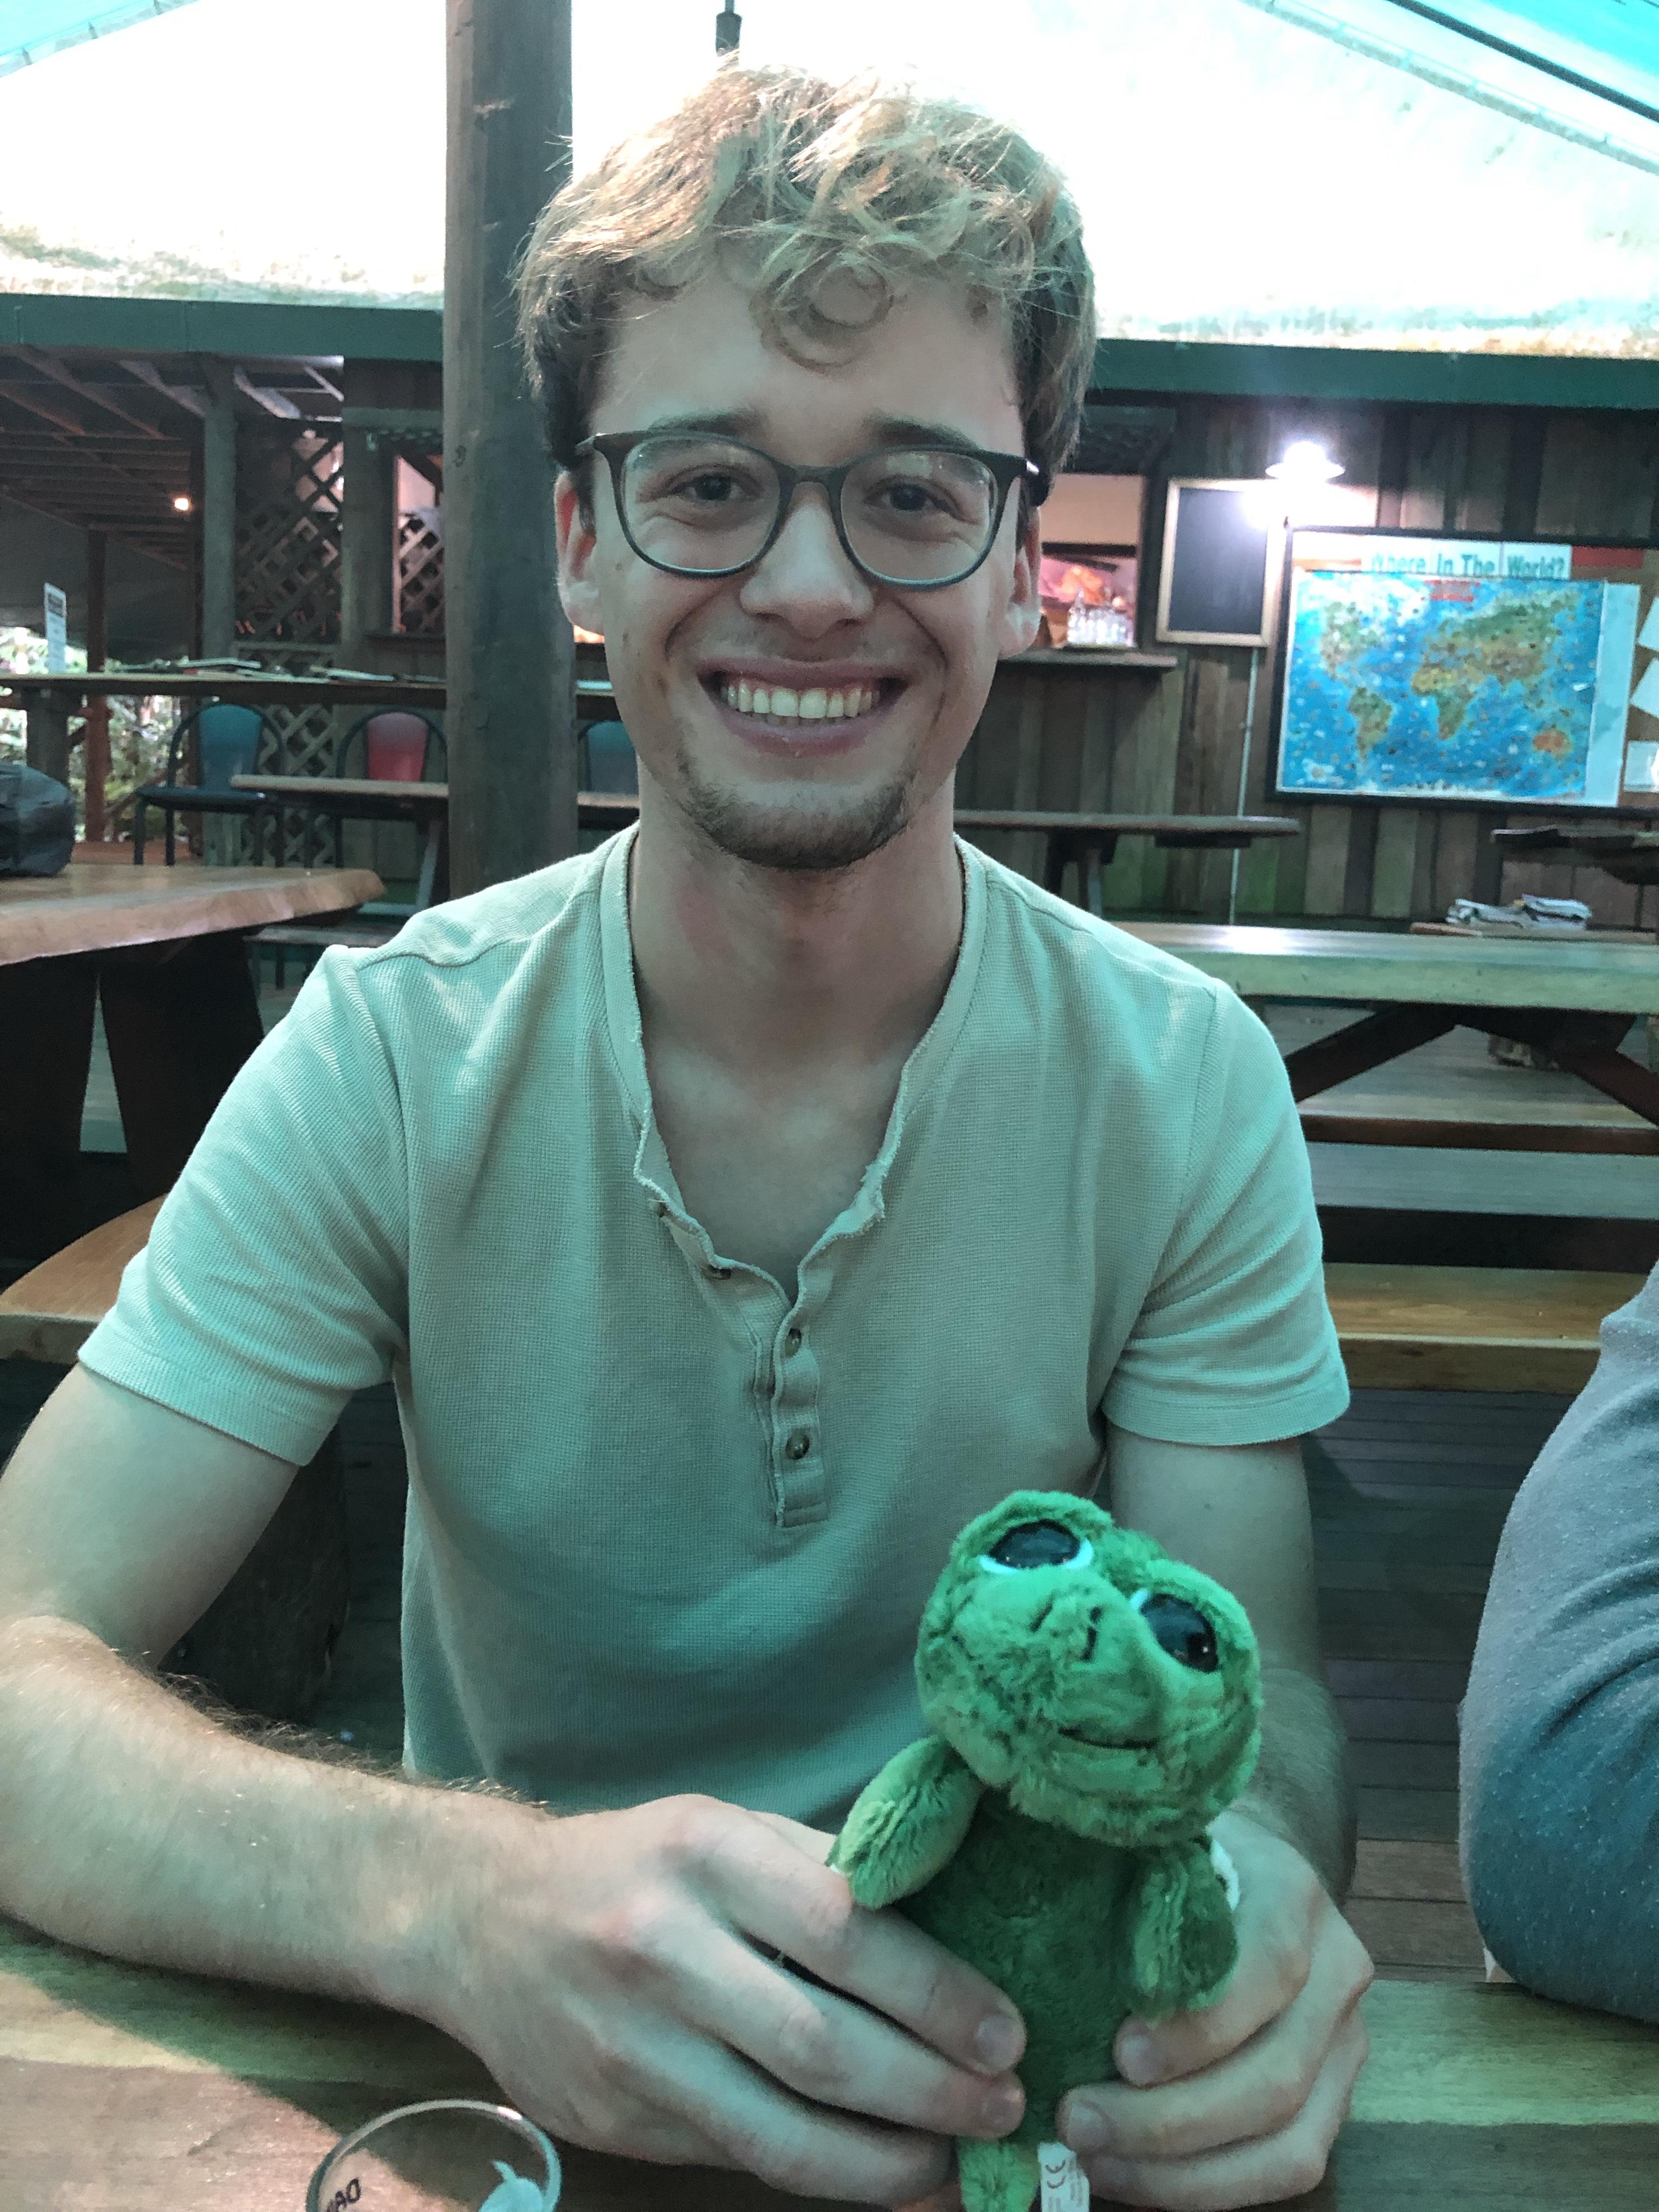 Luke holding a stuffed animal